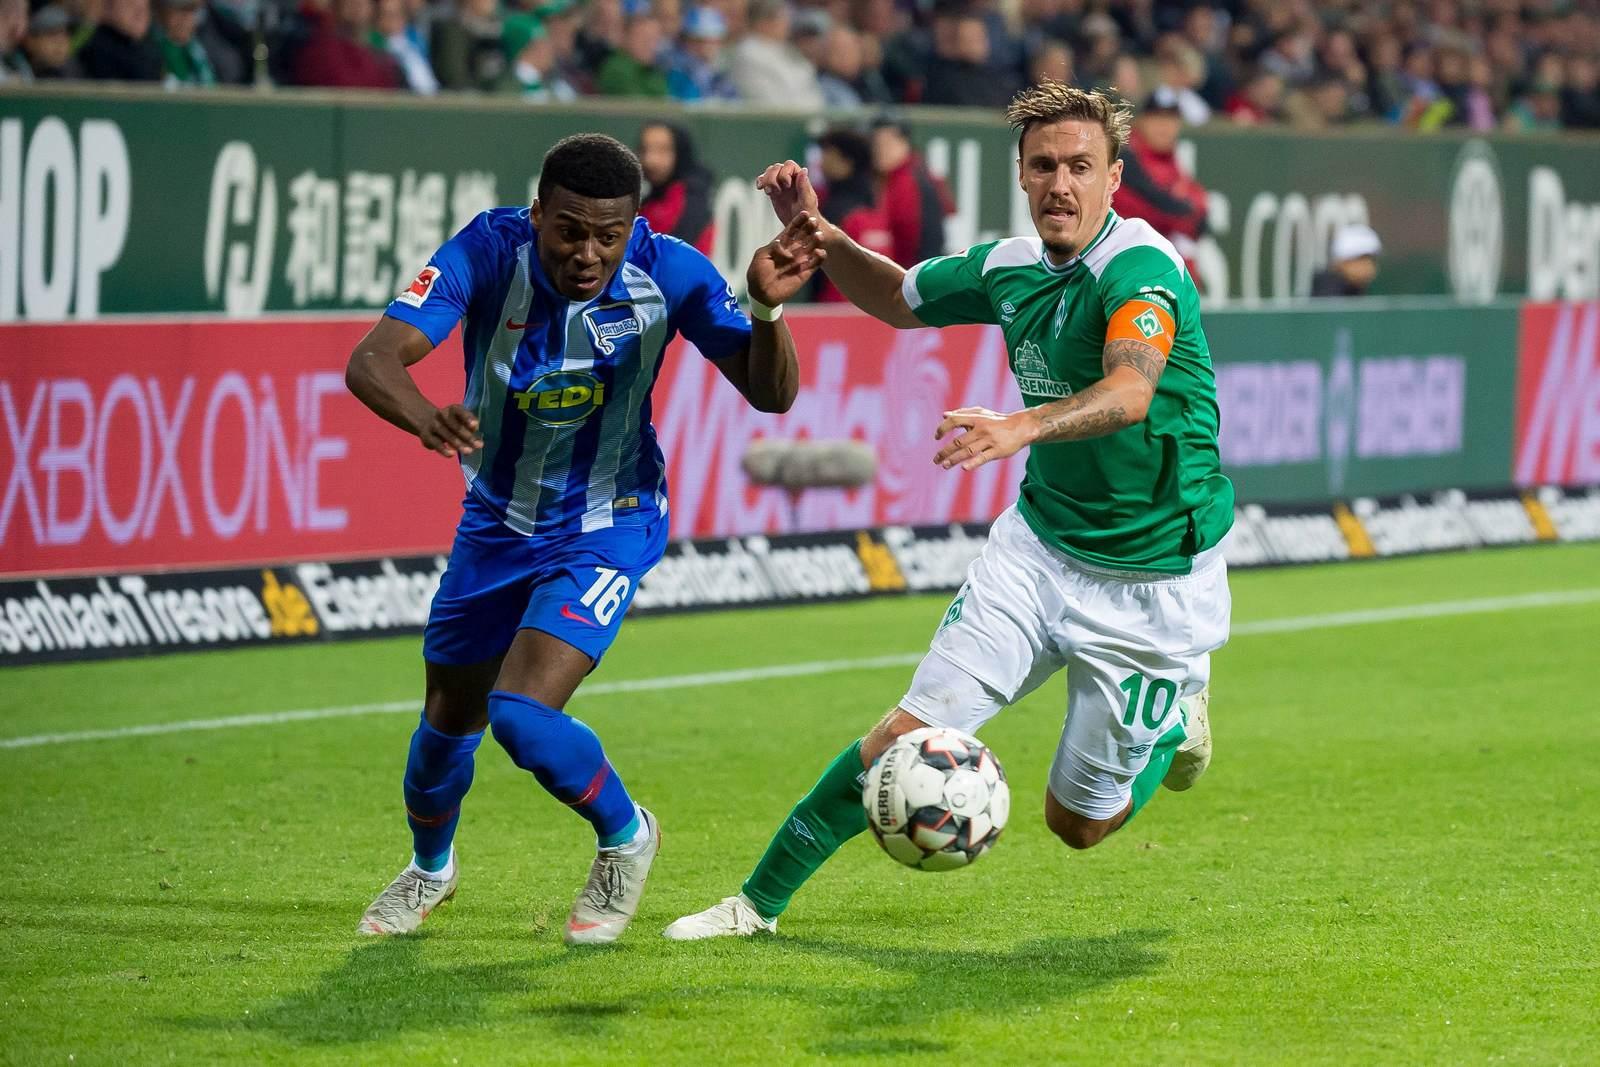 Javairo Dilrosun im Duell mit Max Kruse. Jetzt auf die Partie Hertha BSC vs Werder Bremen wetten